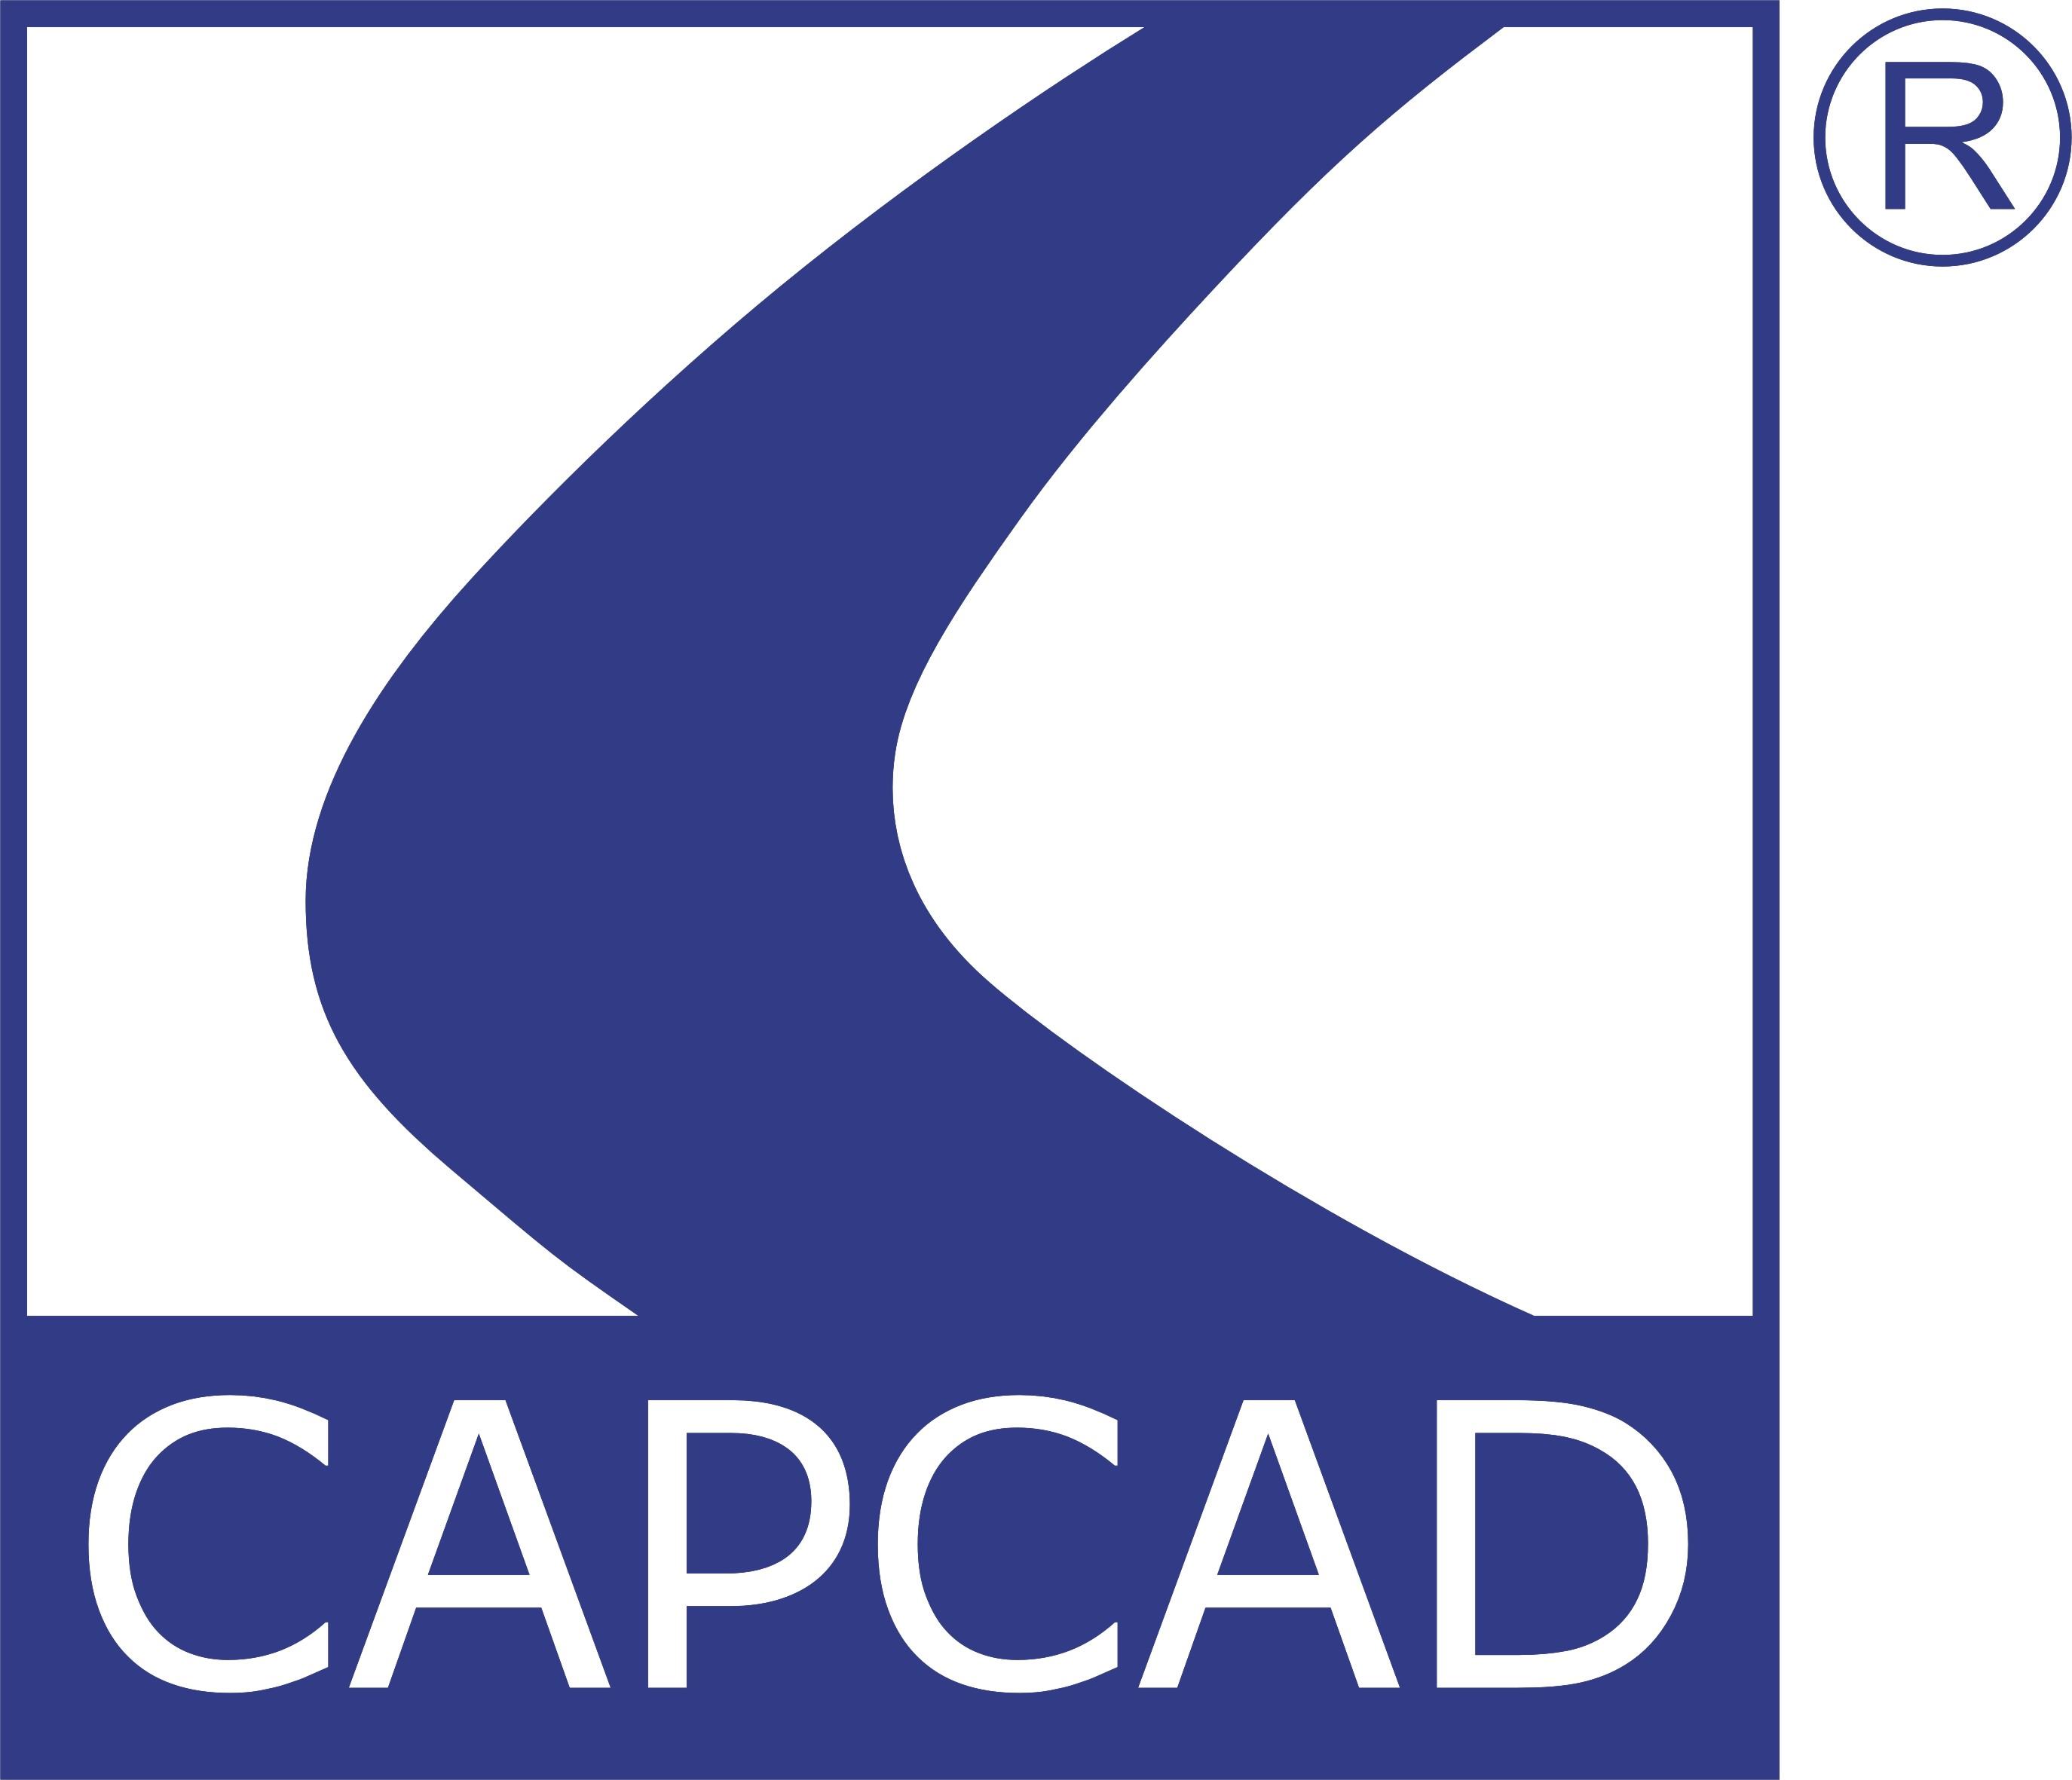 CapCad